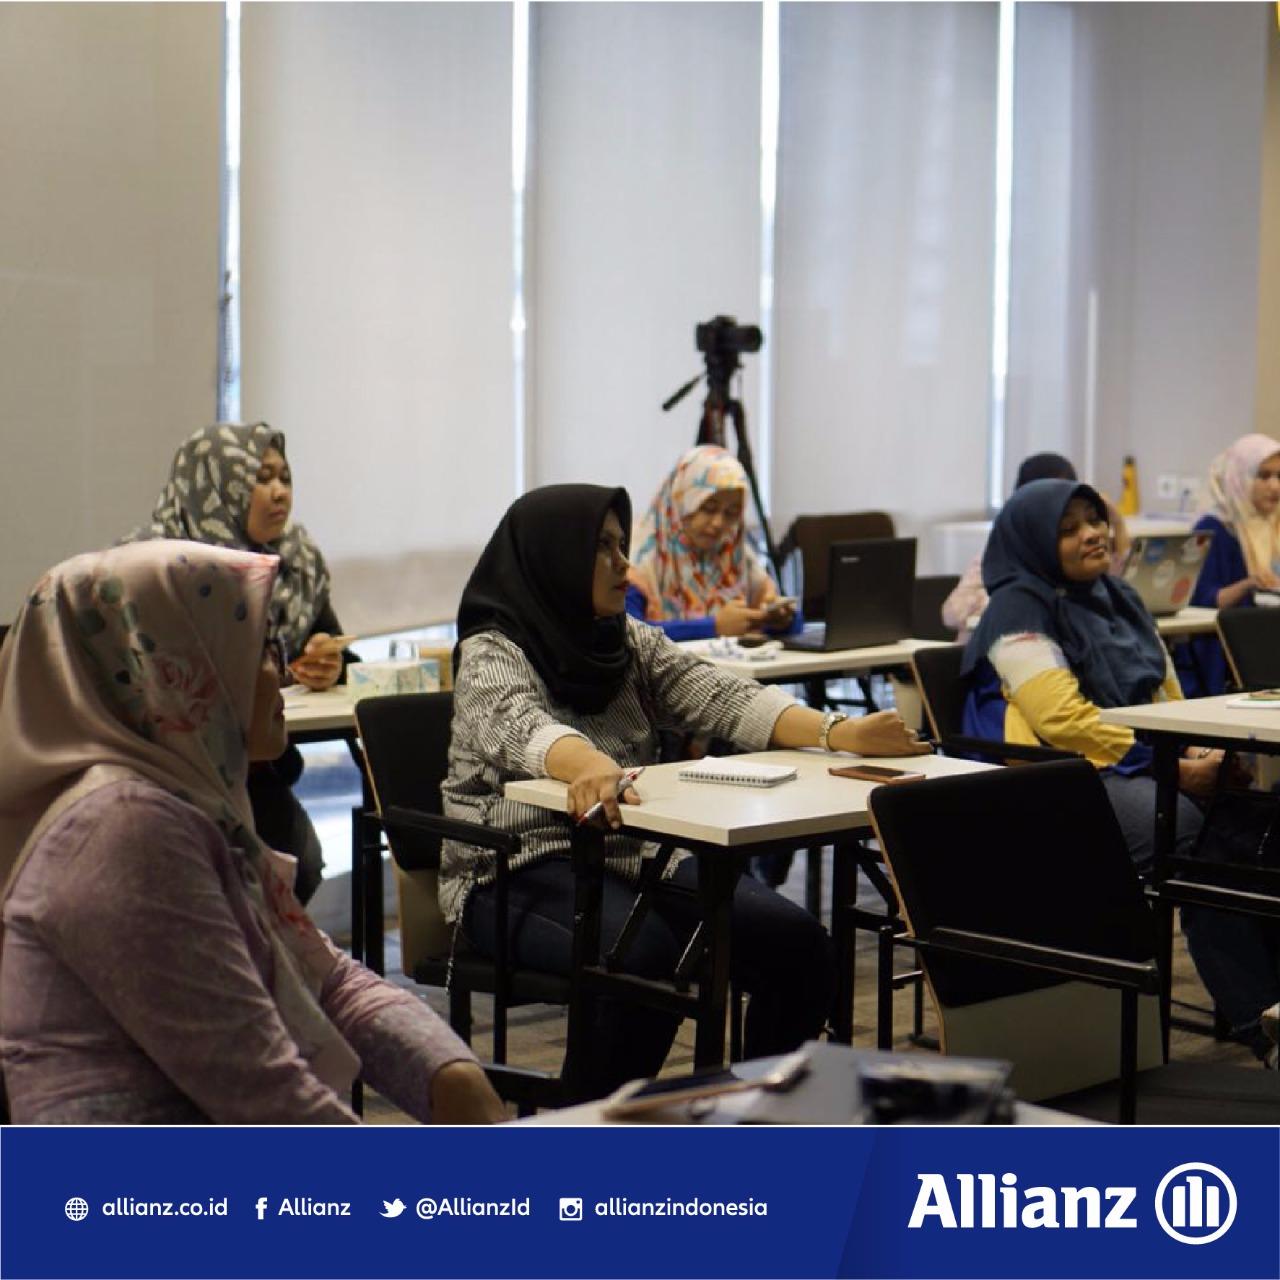 Asuransi Konvensional dan Asuransi Syariah, Mana Yang Lebih Baik?